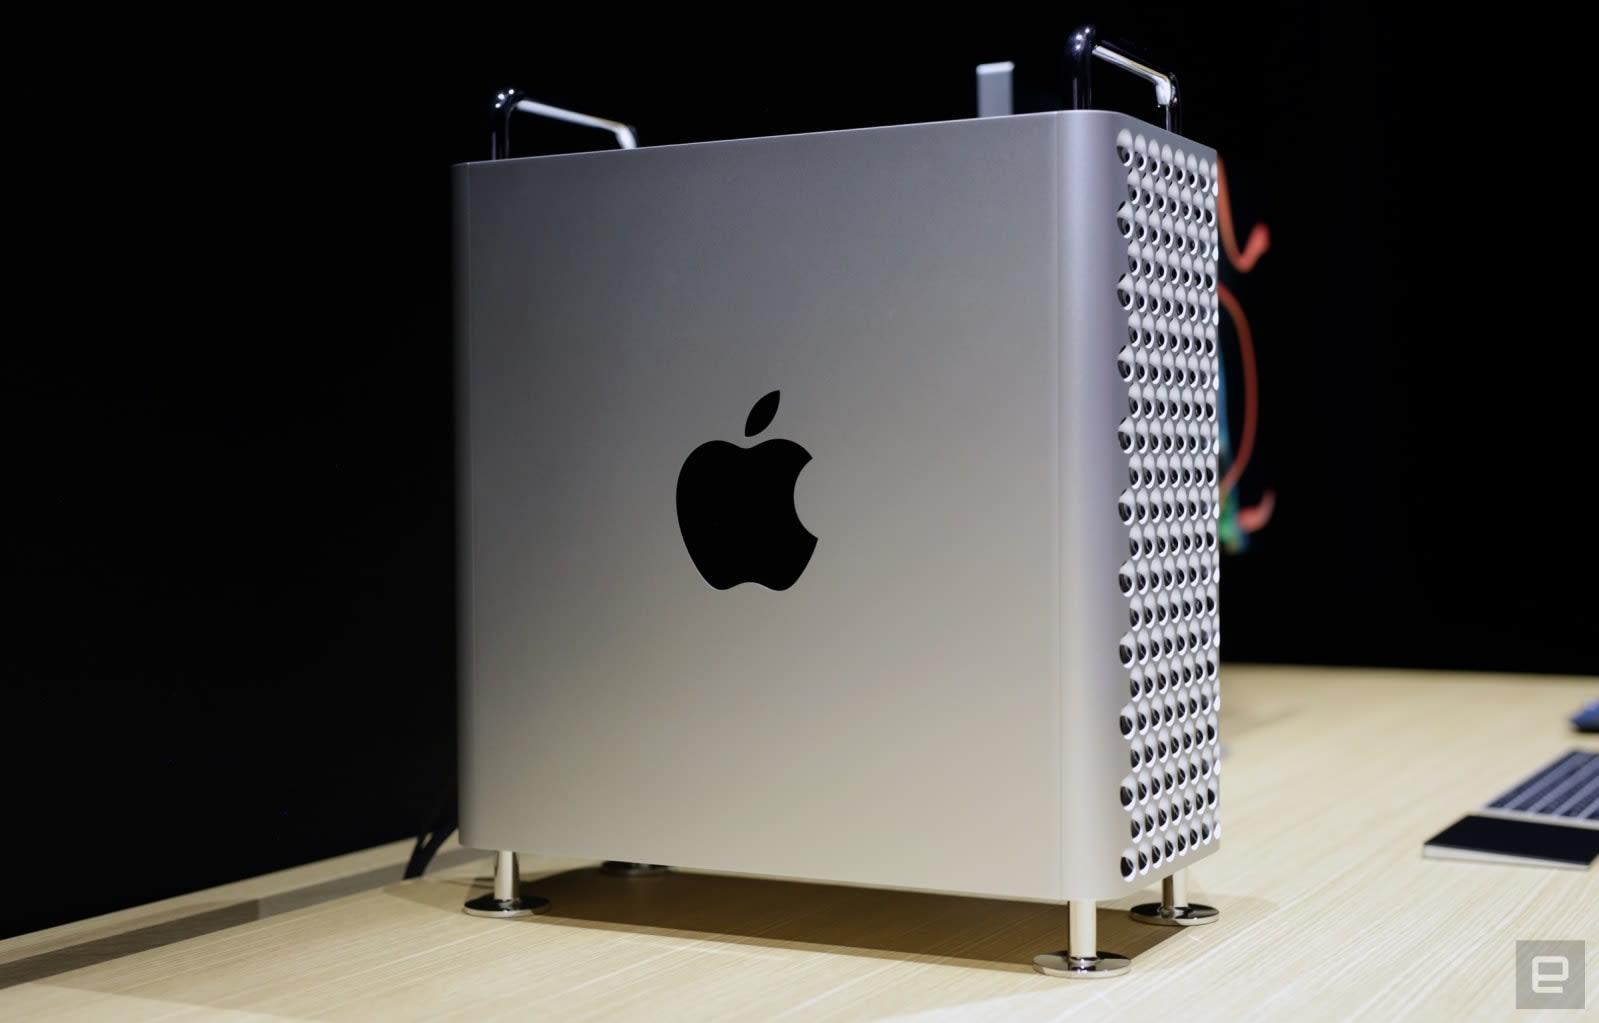 Calvin Harris already has the new Mac Pro